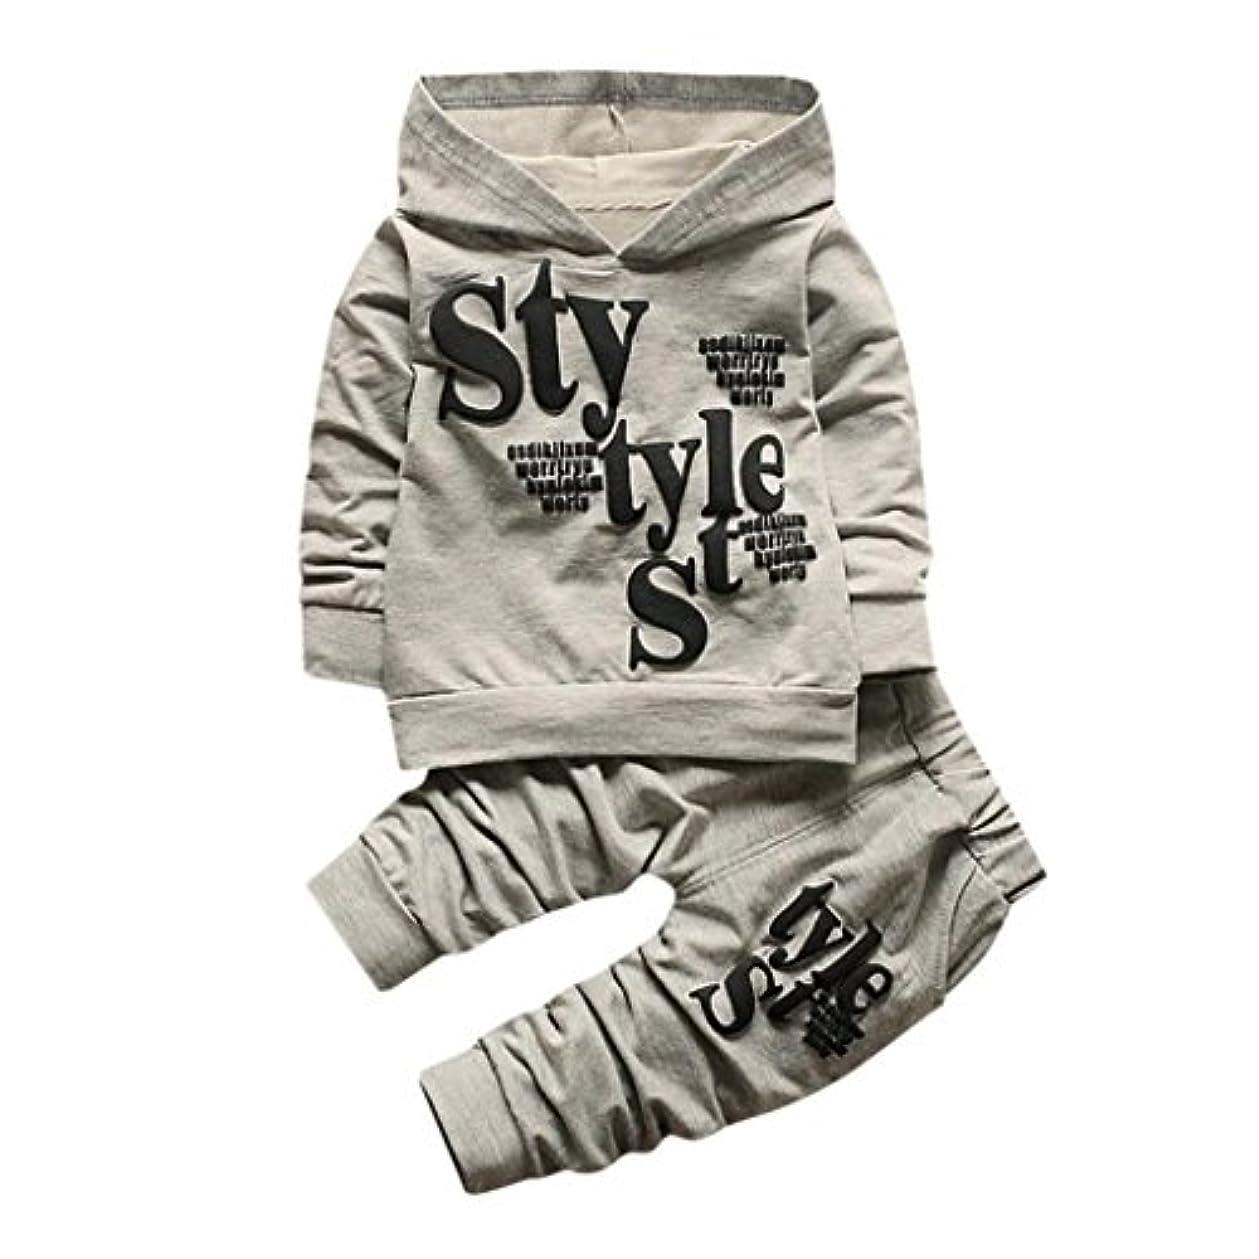 誠実含むわざわざパーカー+ズボン Tシャツ スウェット 子供服 赤ちゃん服 上着+パンツ2点セット かっこいい ベビー服 ロンパース カバーオール 男の子 女の子 ファッション